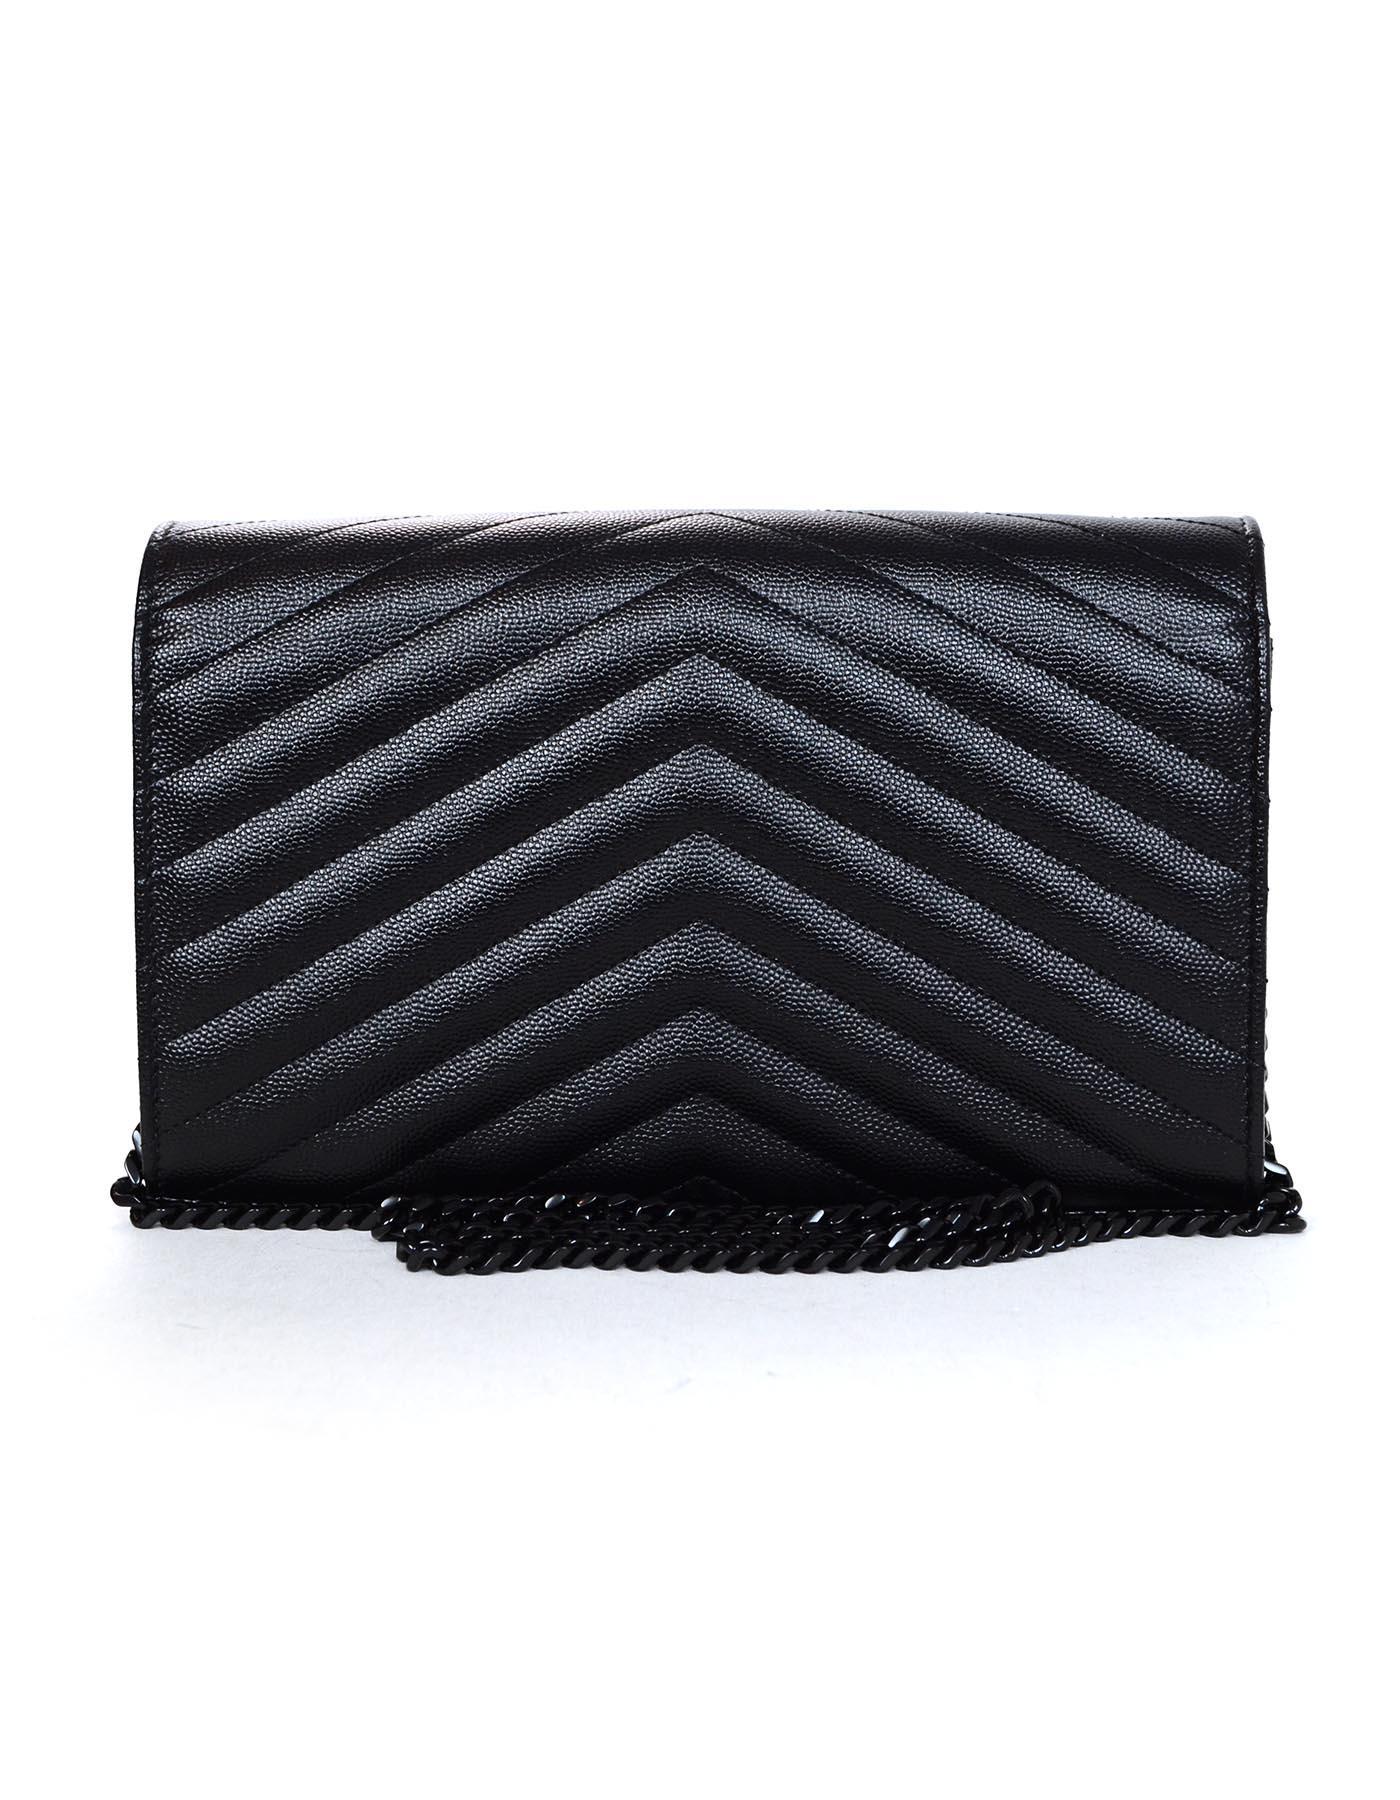 72d8dfabb22f Yves Saint Laurent Black On Black Caviar Leather Grain De Poudre Matelasse  WOC For Sale at 1stdibs